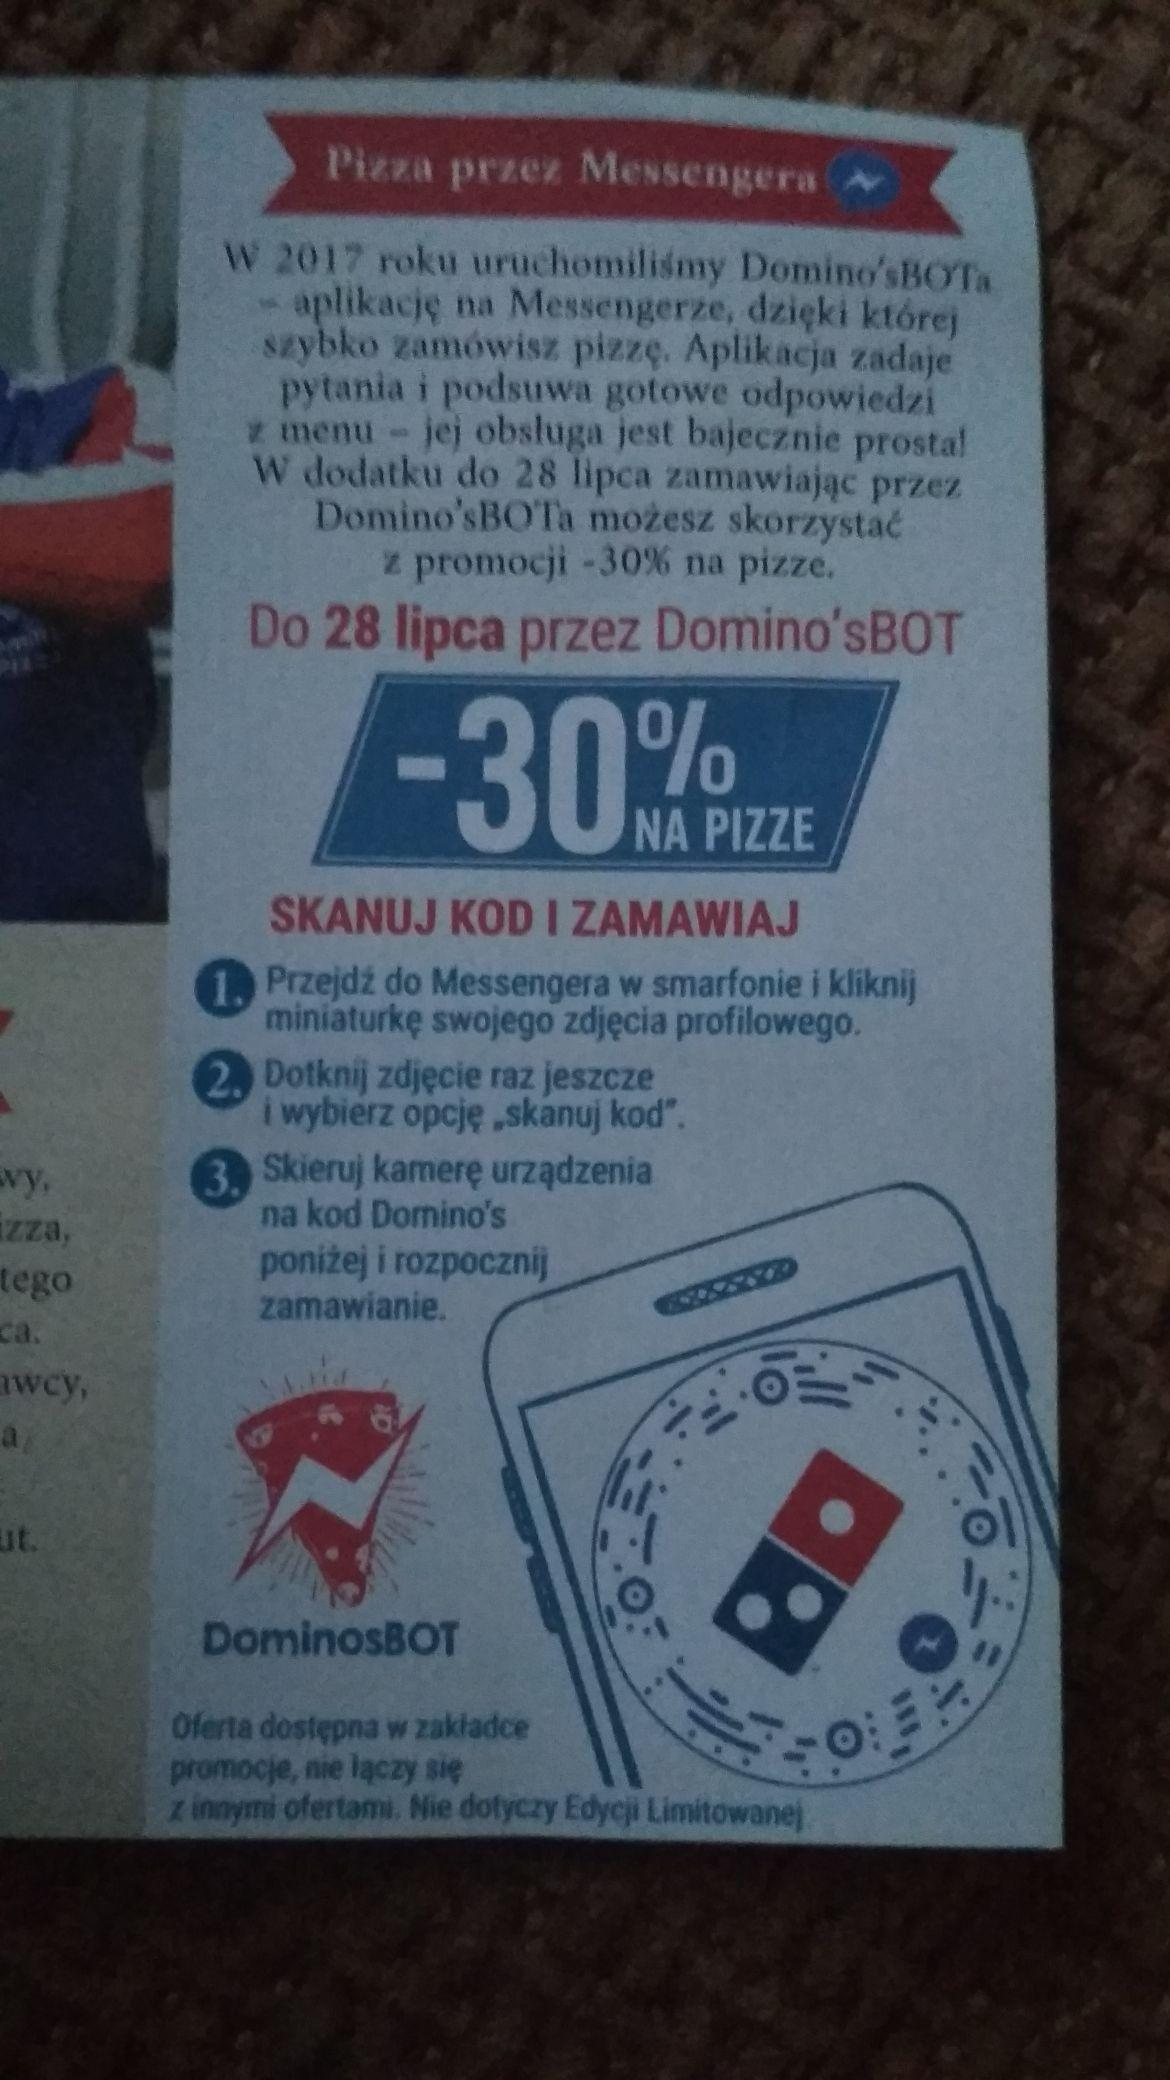 Domino's -30% przez Messenger